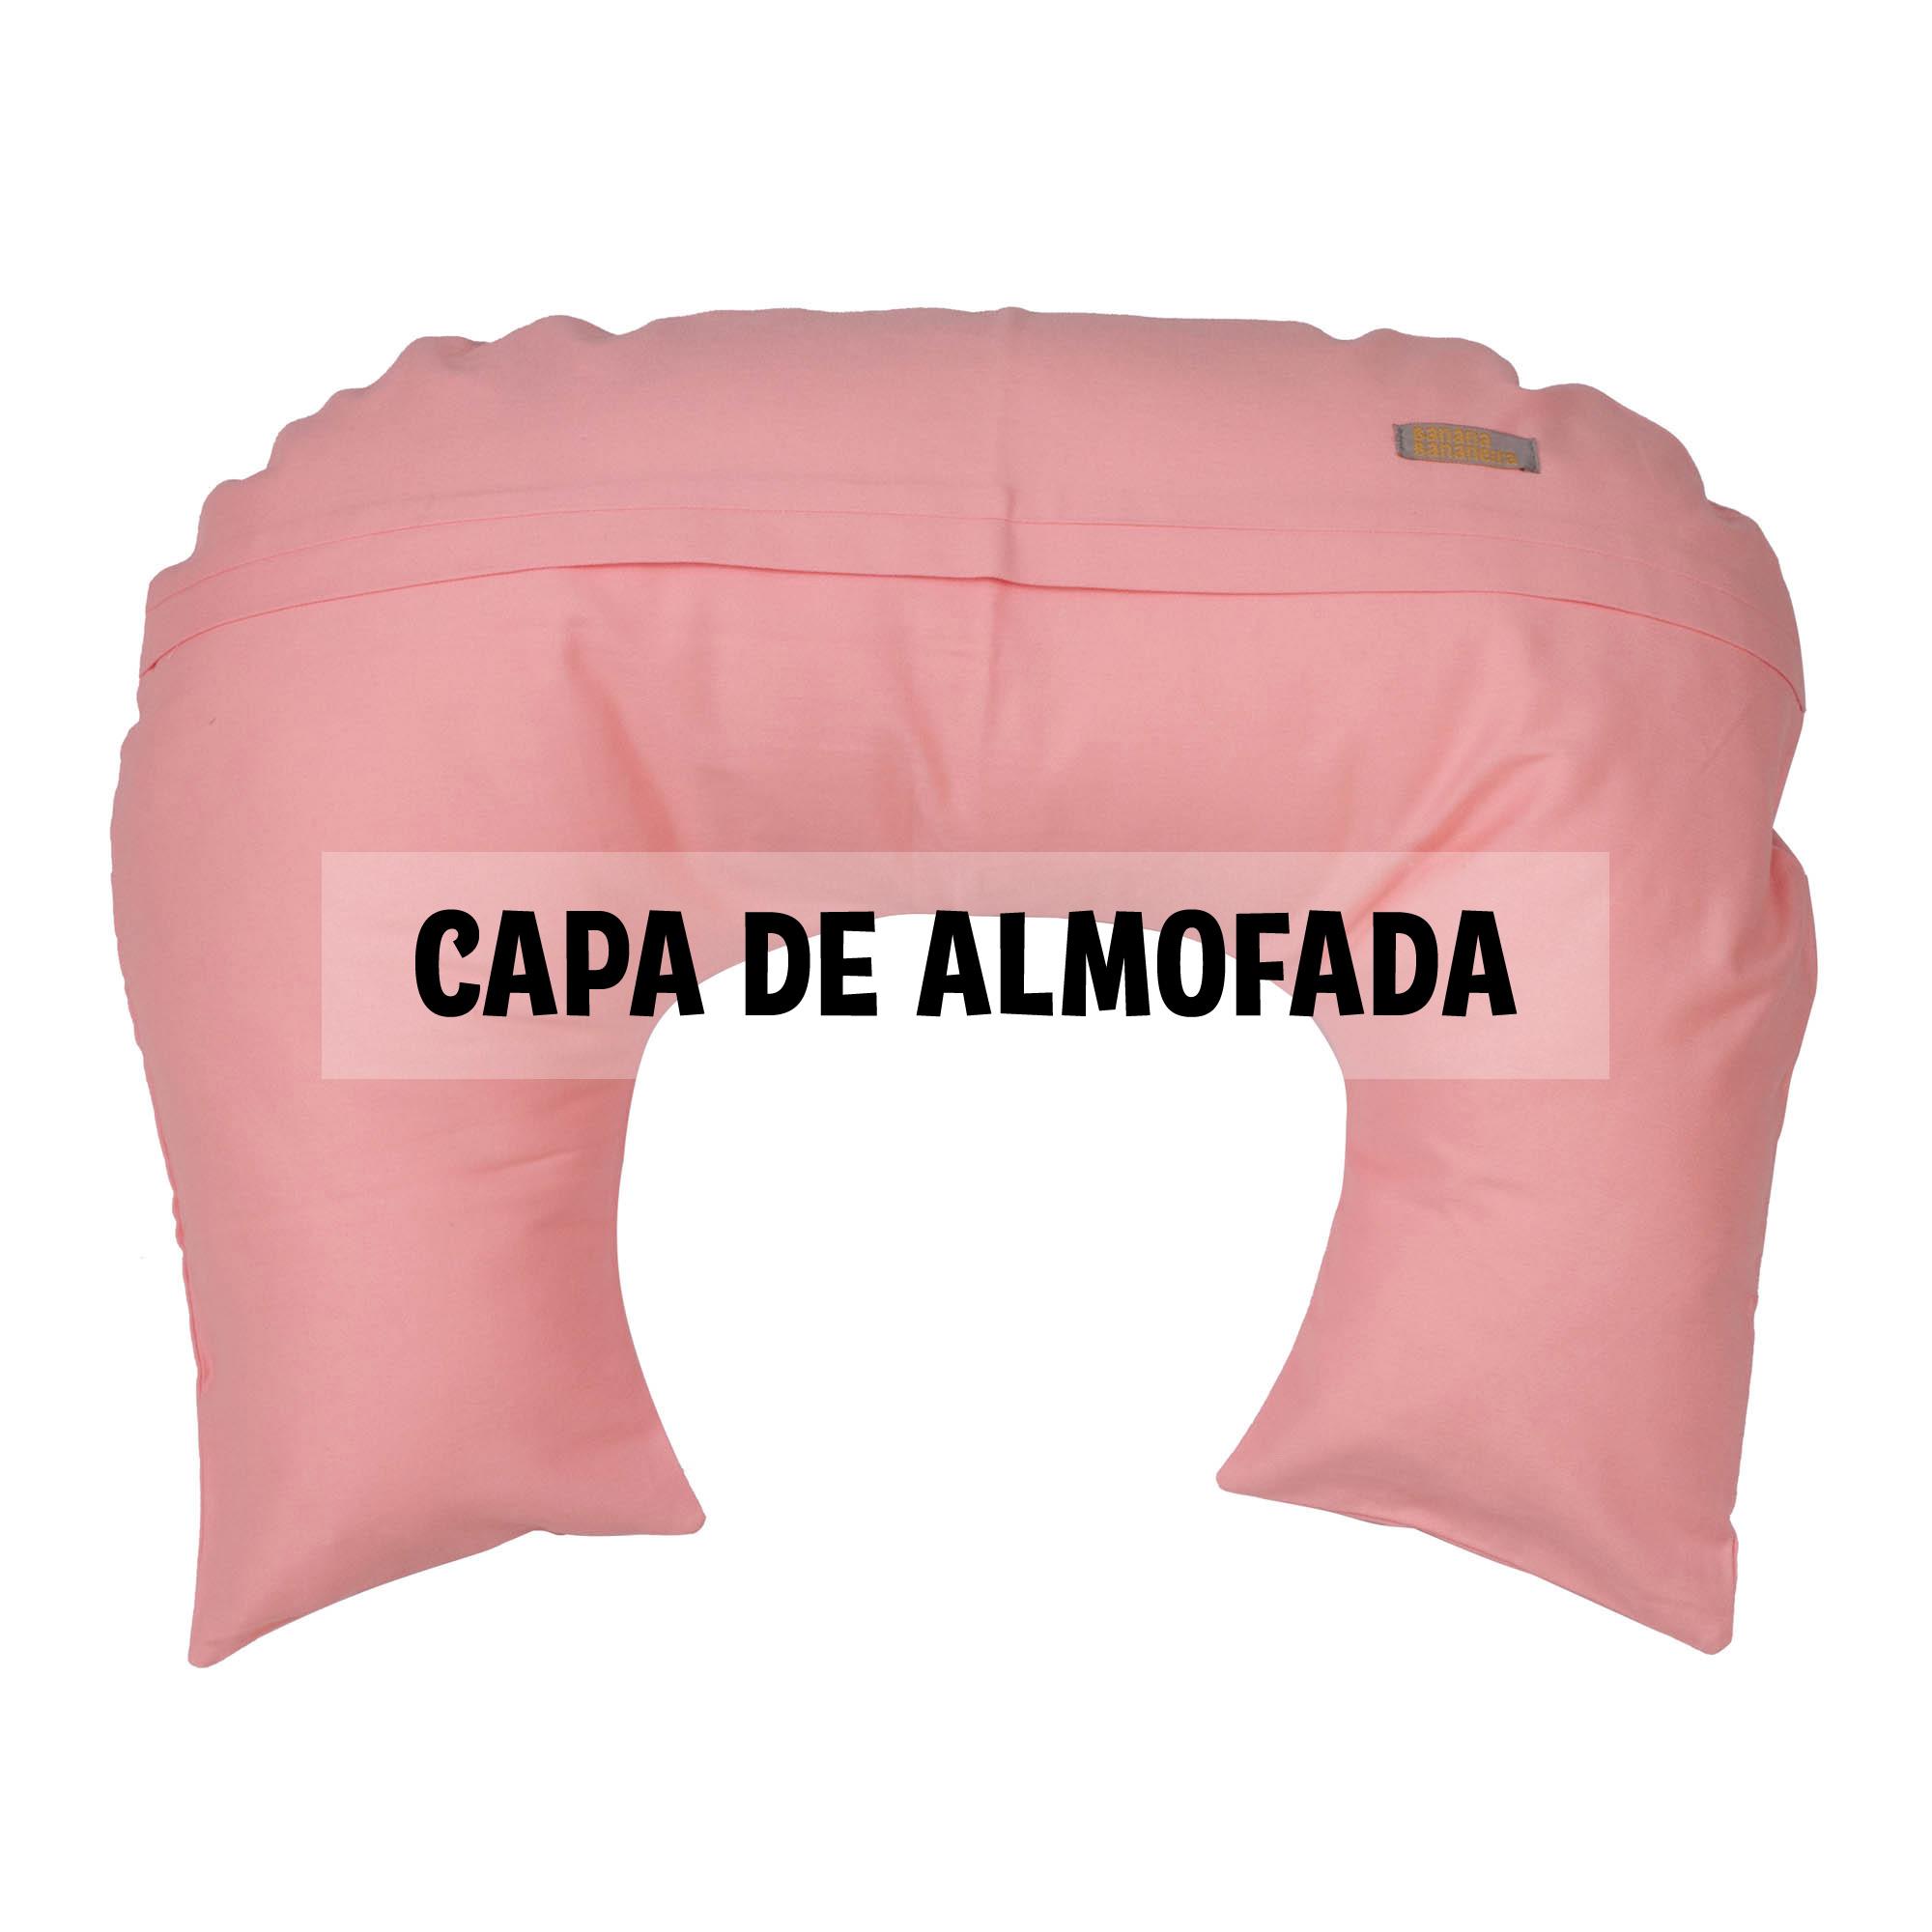 Capa de almofada de amamentação rosa algodão doce